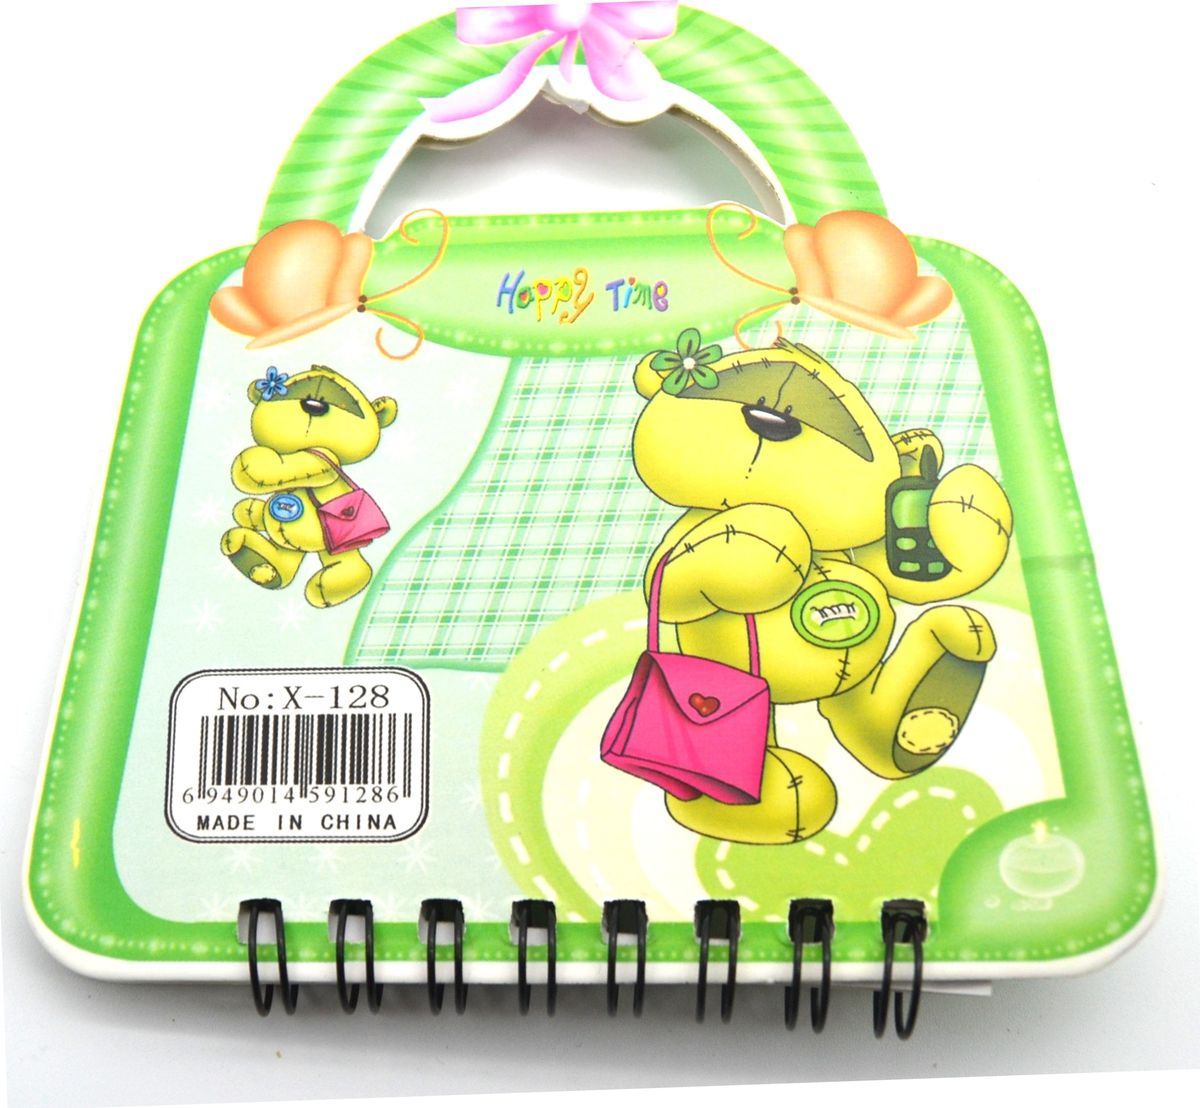 Карамба Блокнот Мишка на сумочке 50 листов в линейку цвет зеленый507036Блокнот Карамба Мишка на сумочке с объемным изображением мишки на лицевой стороне выполнен в виде сумочки с ручками. Блокнот содержит 50 листов в линейку. Листики окрашены в голубой и зеленый цвета. На каждом листочке изображен мишка.